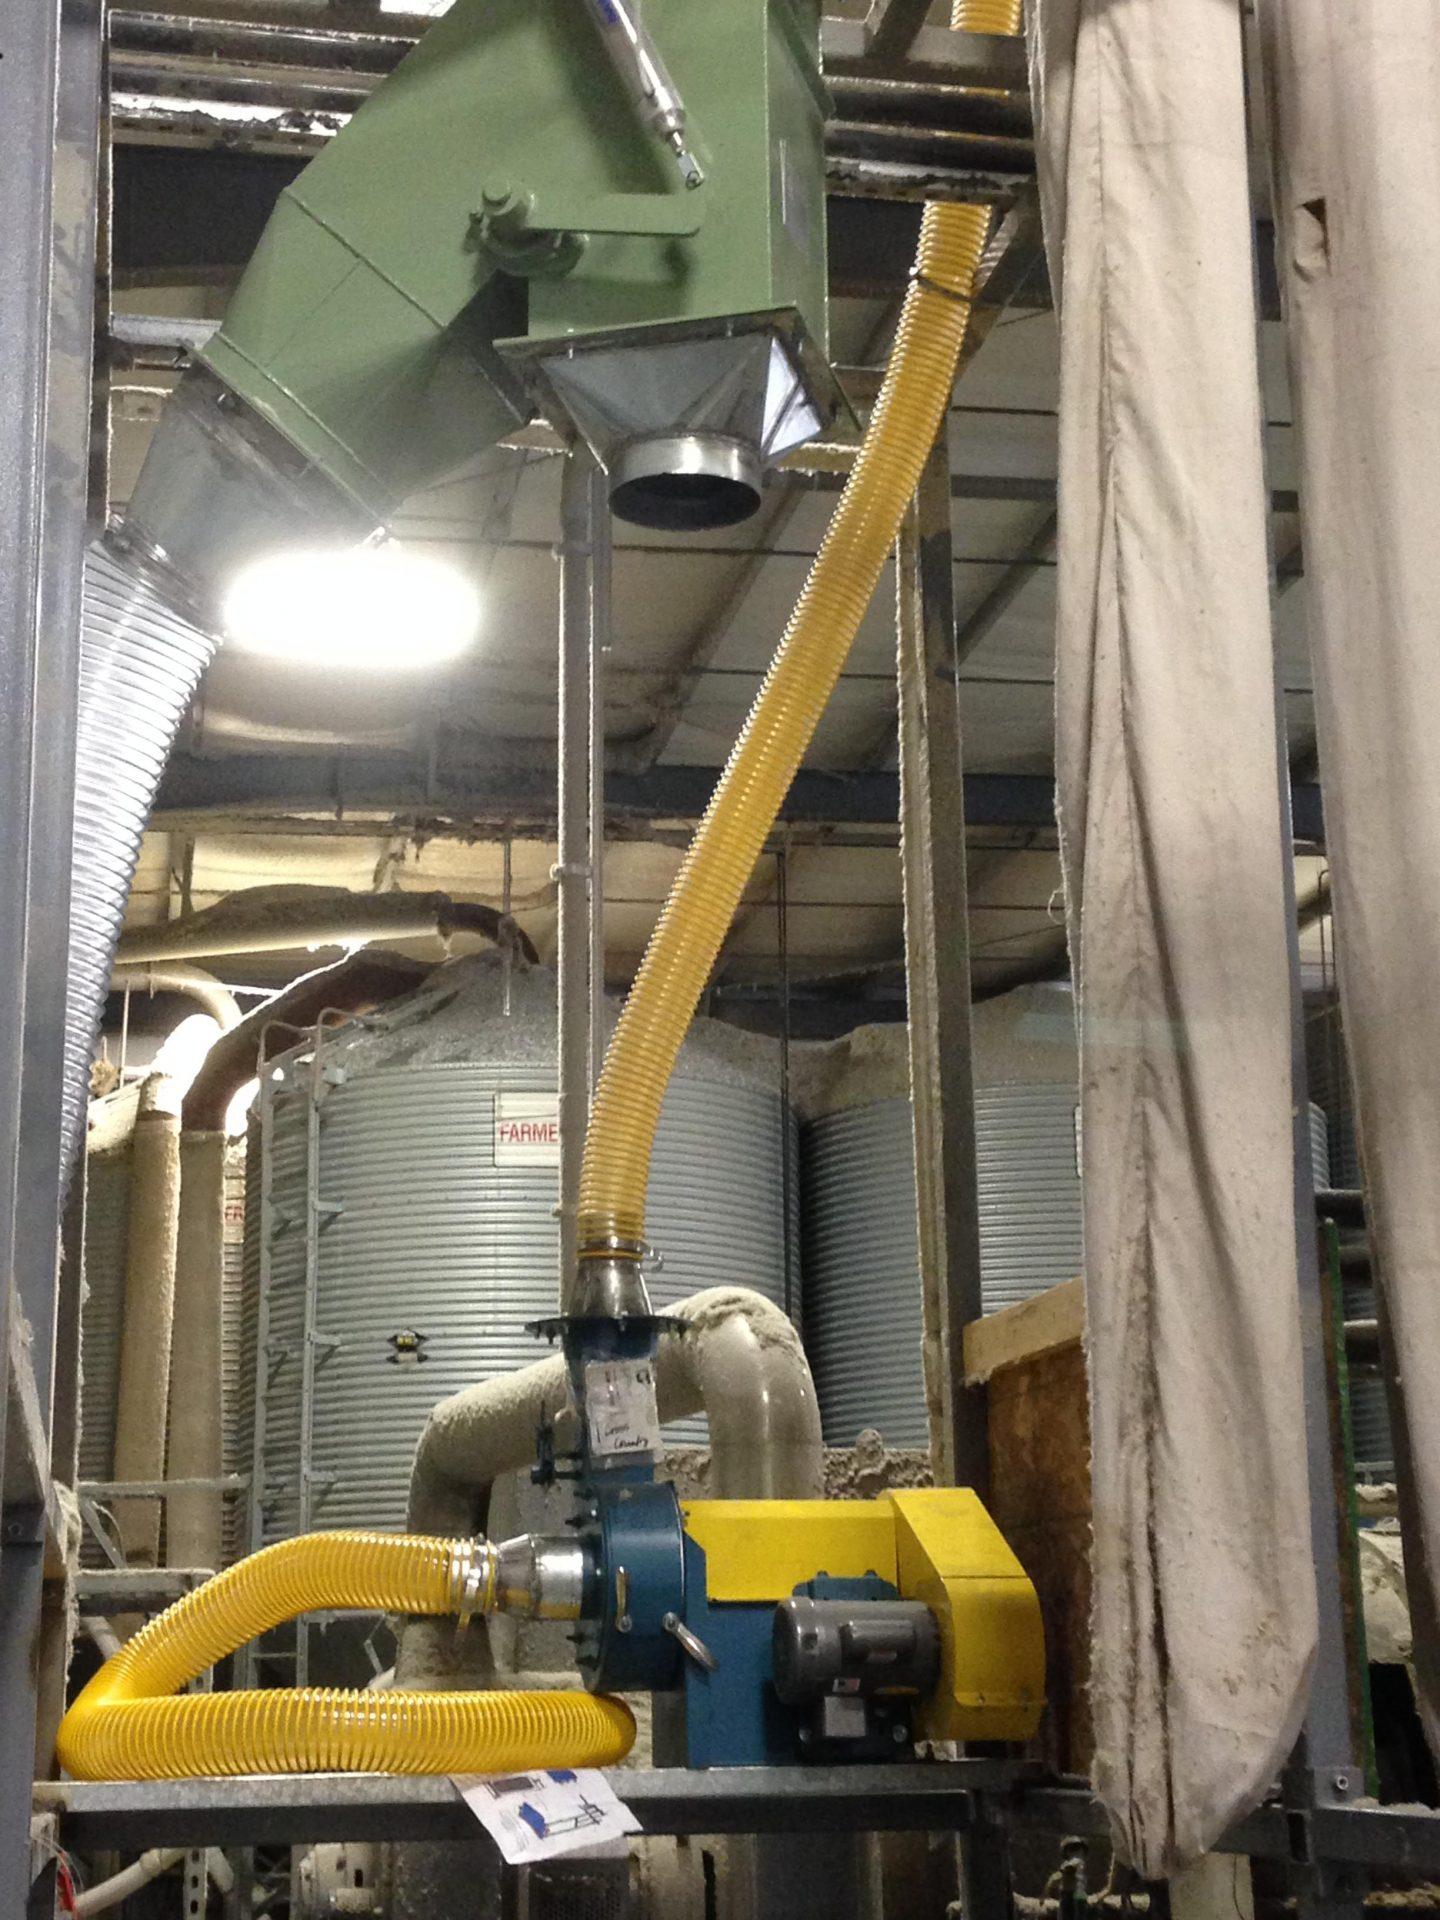 JRW - Material Handling Bulk Bag Fill Station